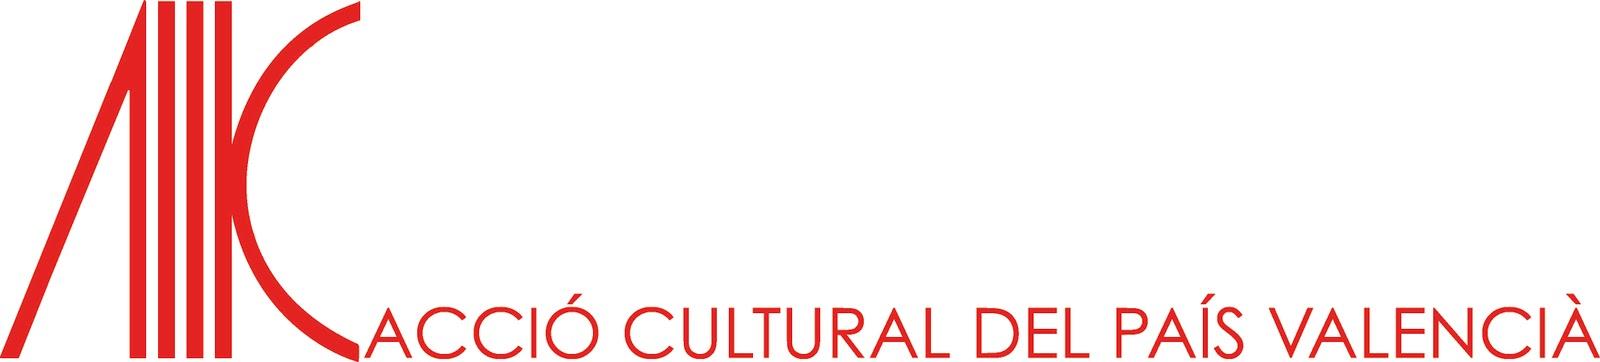 logo-accio-cultural-del-pais-valencia